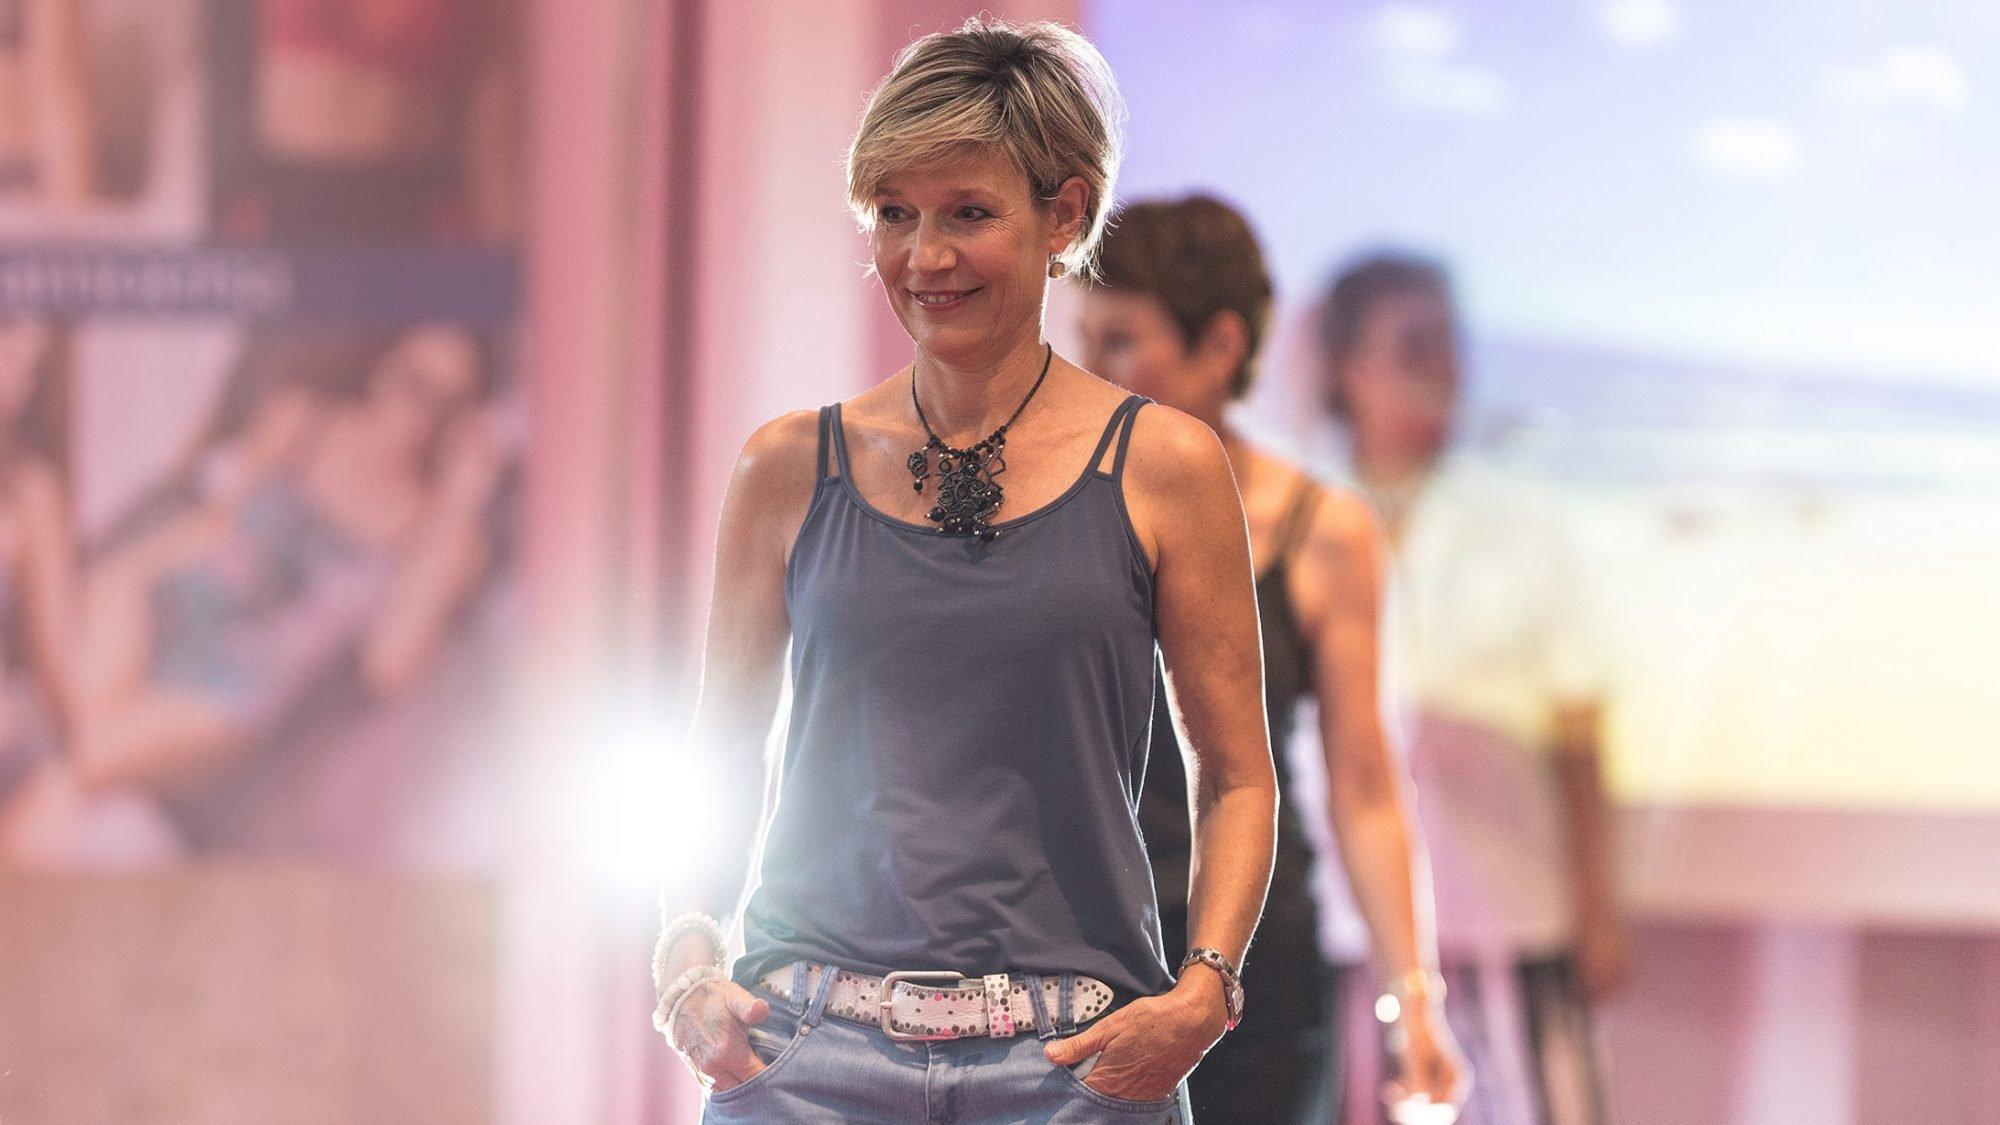 Brustkrebs: Eine ehemalige Brustkrebs-Patientin läuft als Model über den Laufsteg.